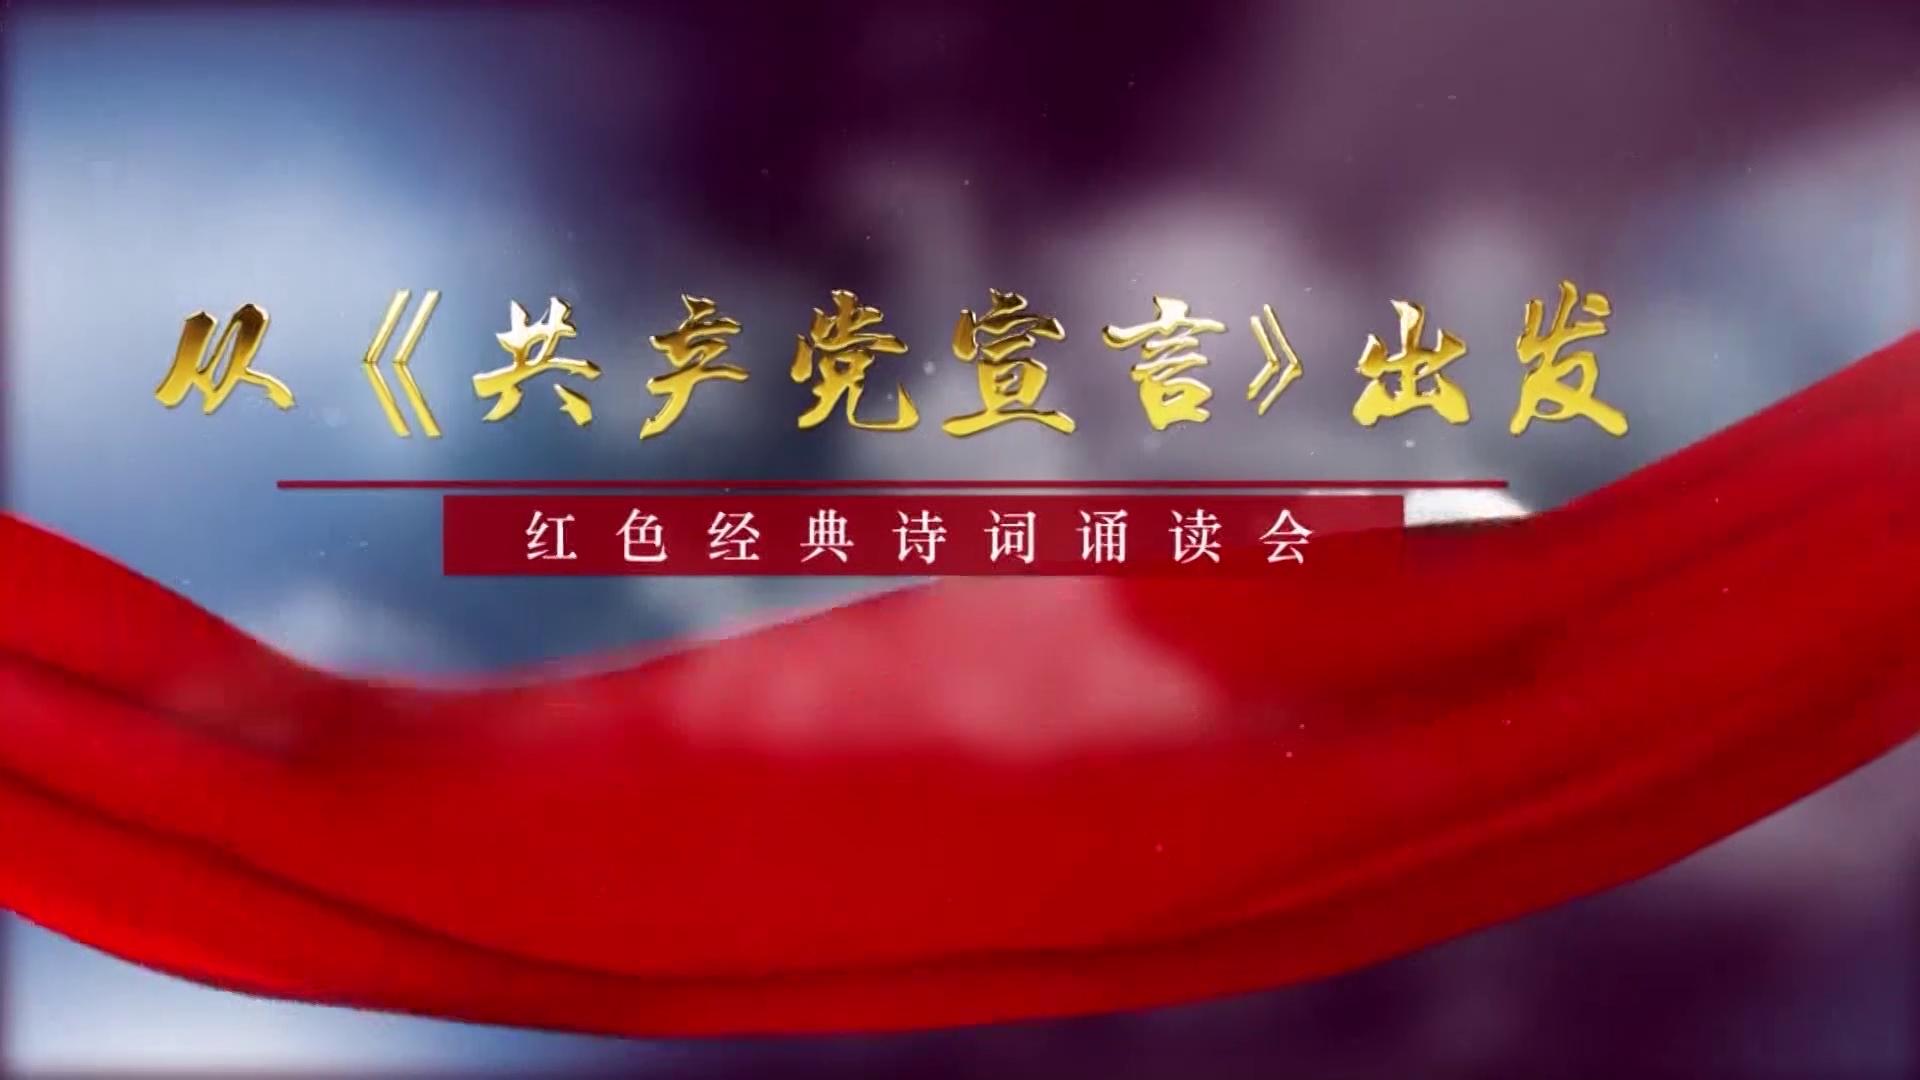 """【我和我的祖国】重温经典  不忘初心——红色经典诵读会""""从《共产党宣言》出发"""""""